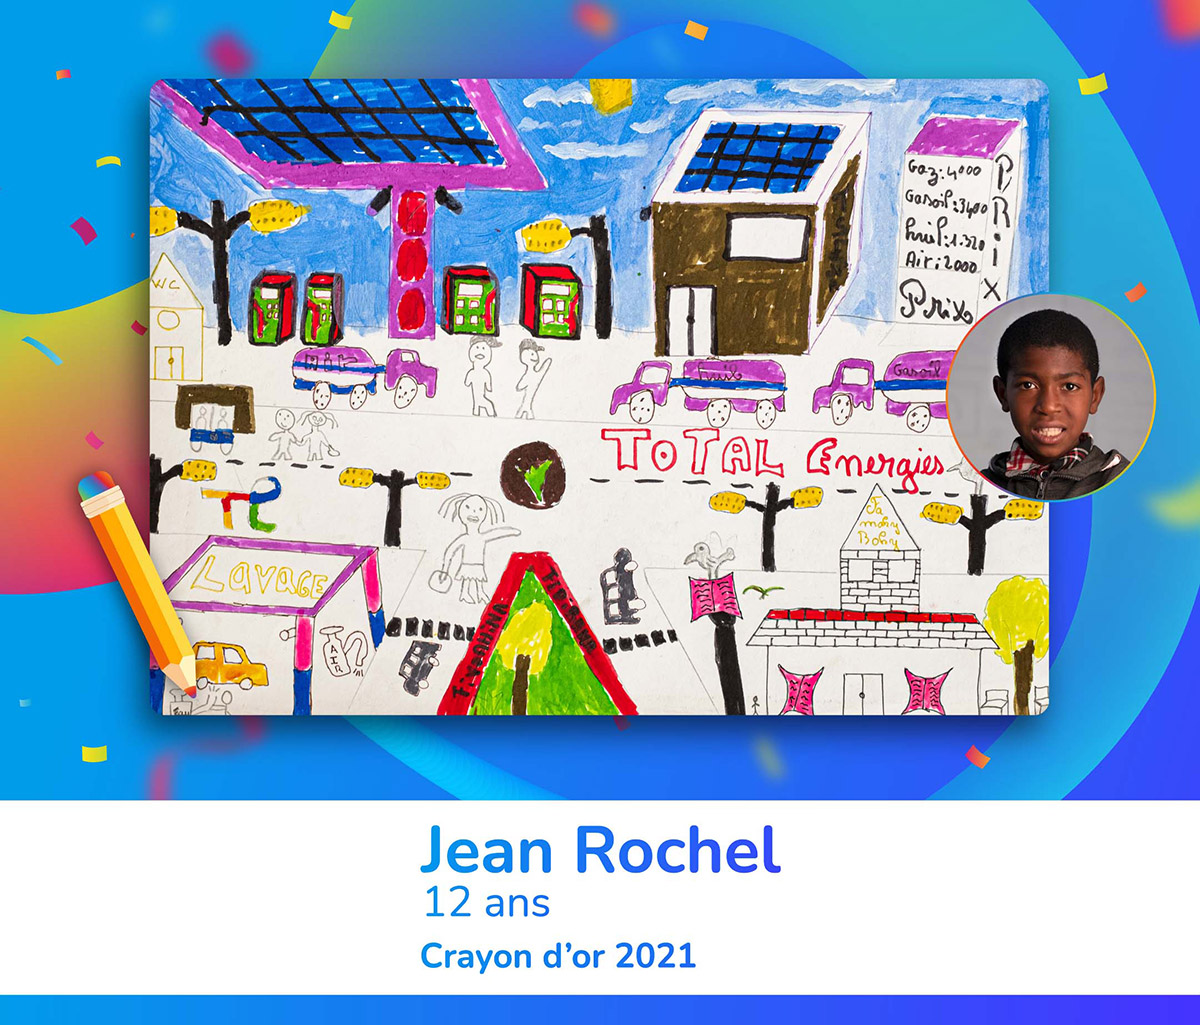 Jean Rochel